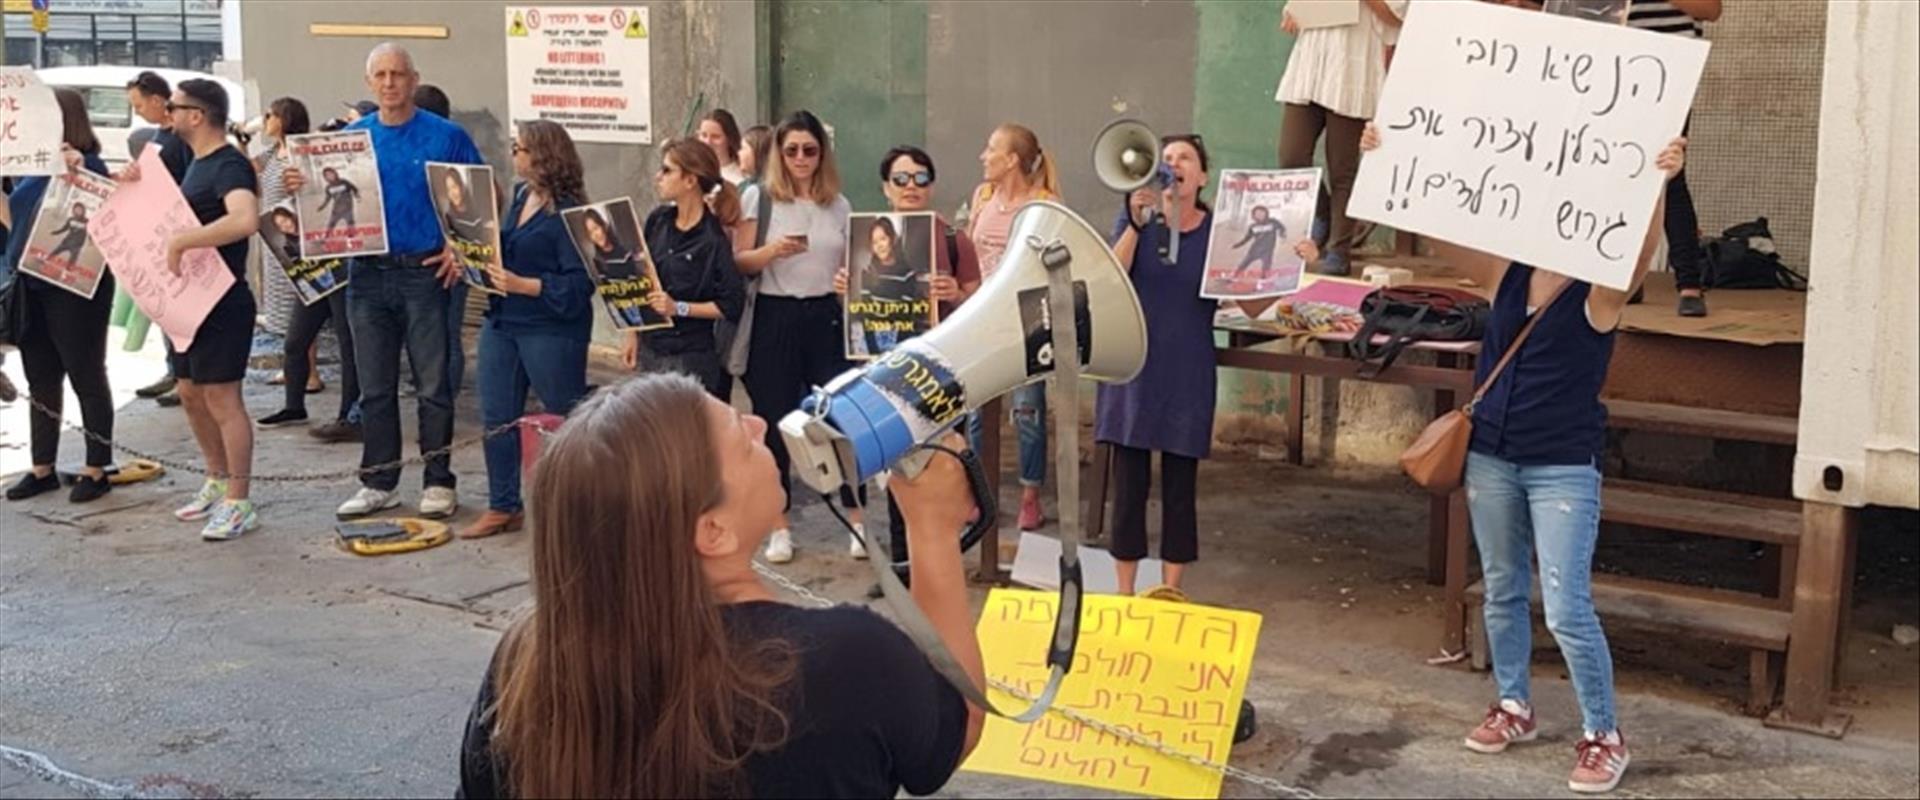 ההפגנה נגד גירוש הילדים הפיליפינים 01.11.19